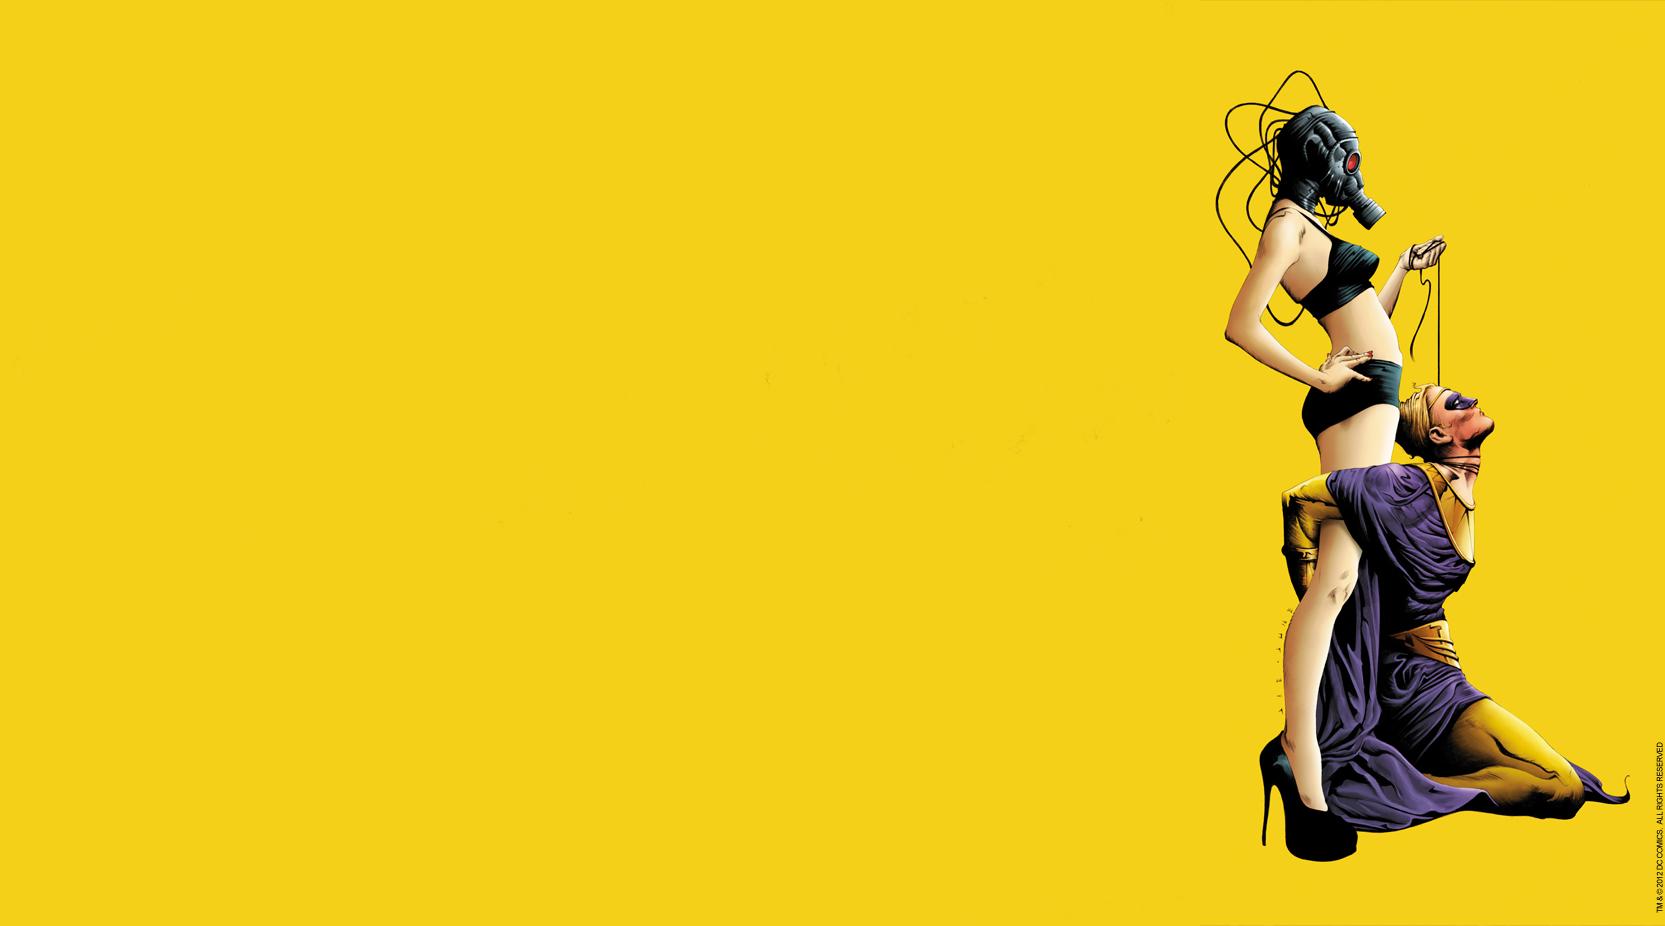 dark yellow wallpaper - photo #18